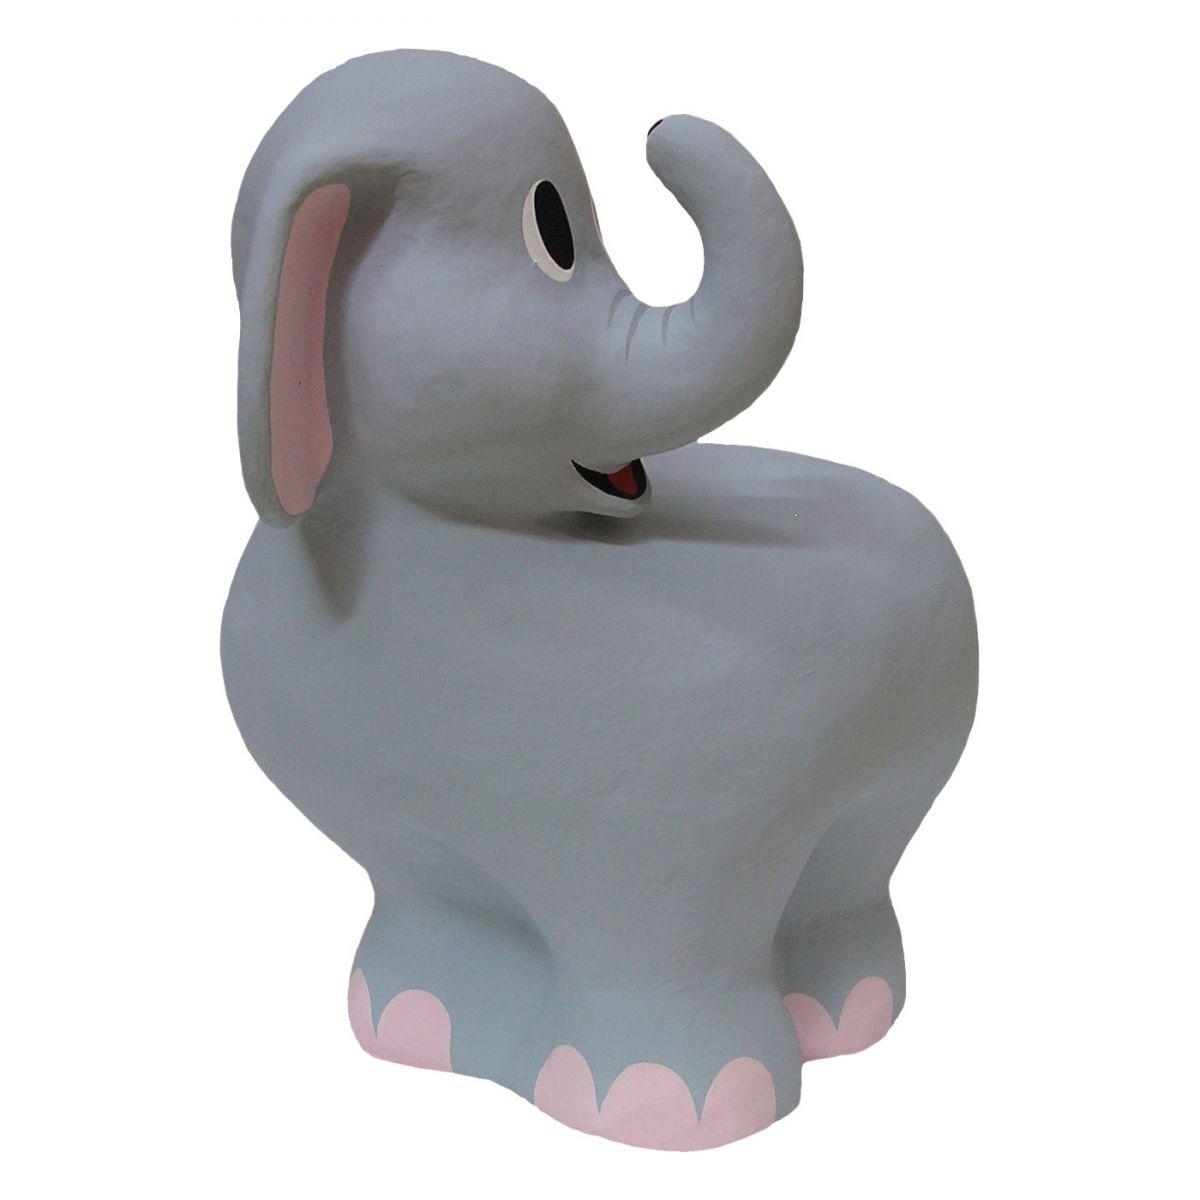 Cadeira Animal Elephant (Peça de Mostruário) - FunArt